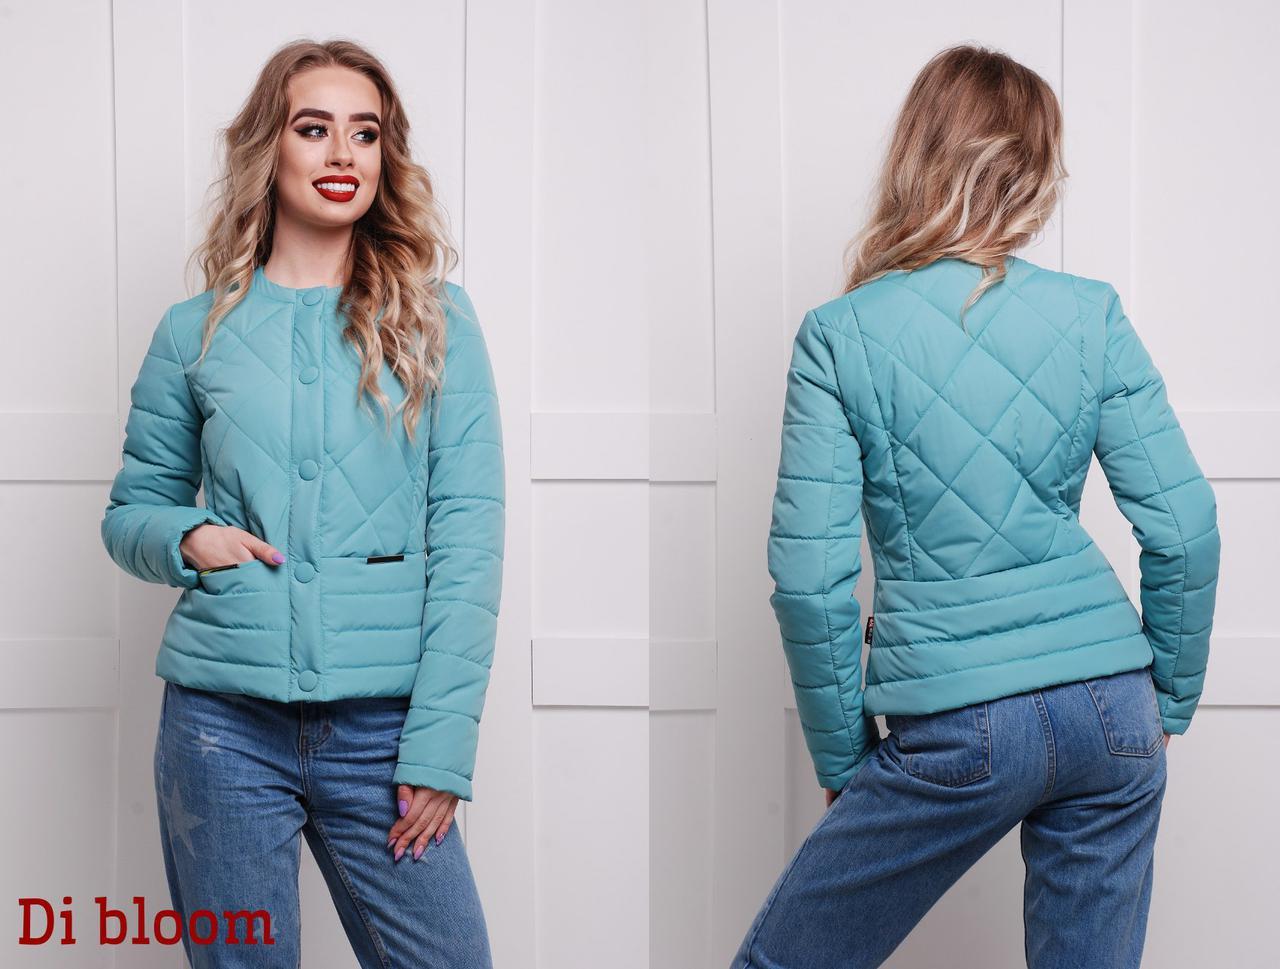 c1cbf85ebd6 Короткая стеганая бирюзовая куртка на весну - Интернет-магазин